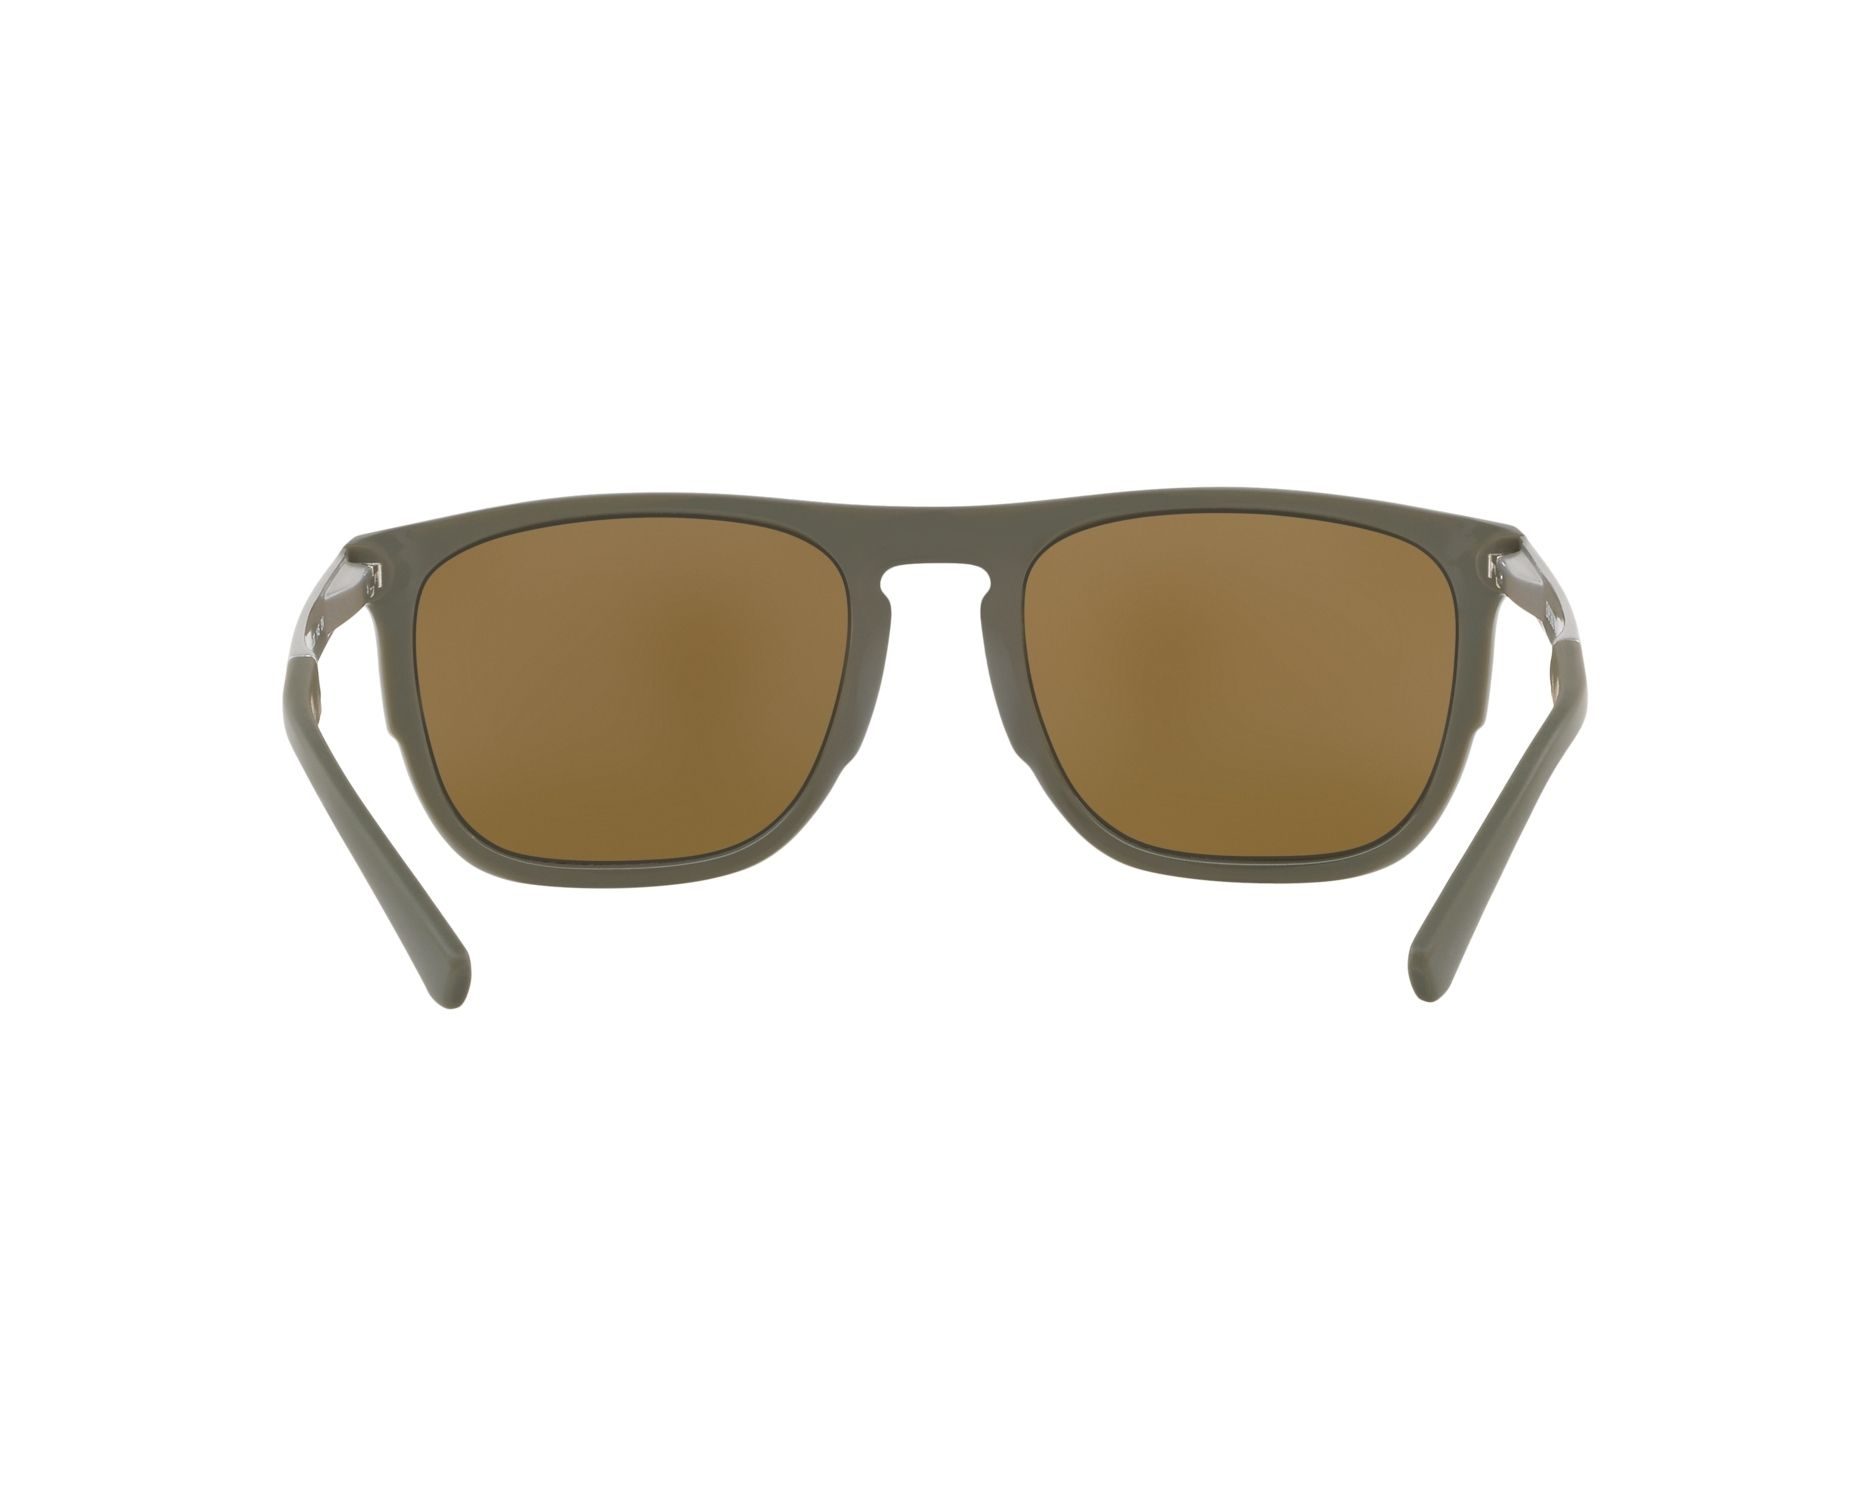 Emporio Armani Herren Sonnenbrille » EA4114«, rot, 56726G - rot/schwarz